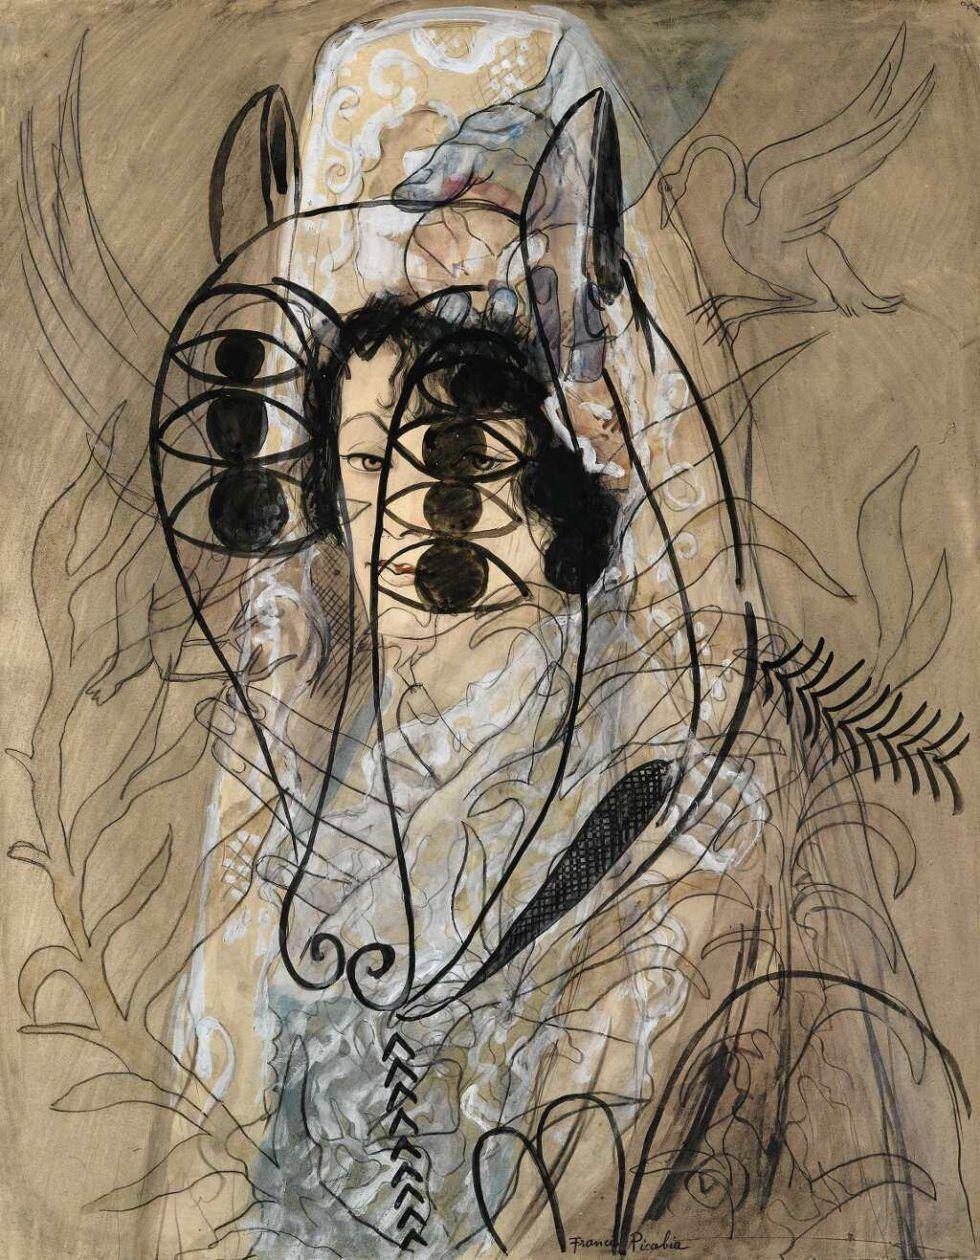 Francis Picabia, Ohne Titel (Espagnole et agneau de l'apocalypse), um 1927/28, Aquarell, Gouache, Tinte und Bleistift auf Papier, 65 x 50 cm (Privatsammlung) © 2016 ProLitteris, Zürich